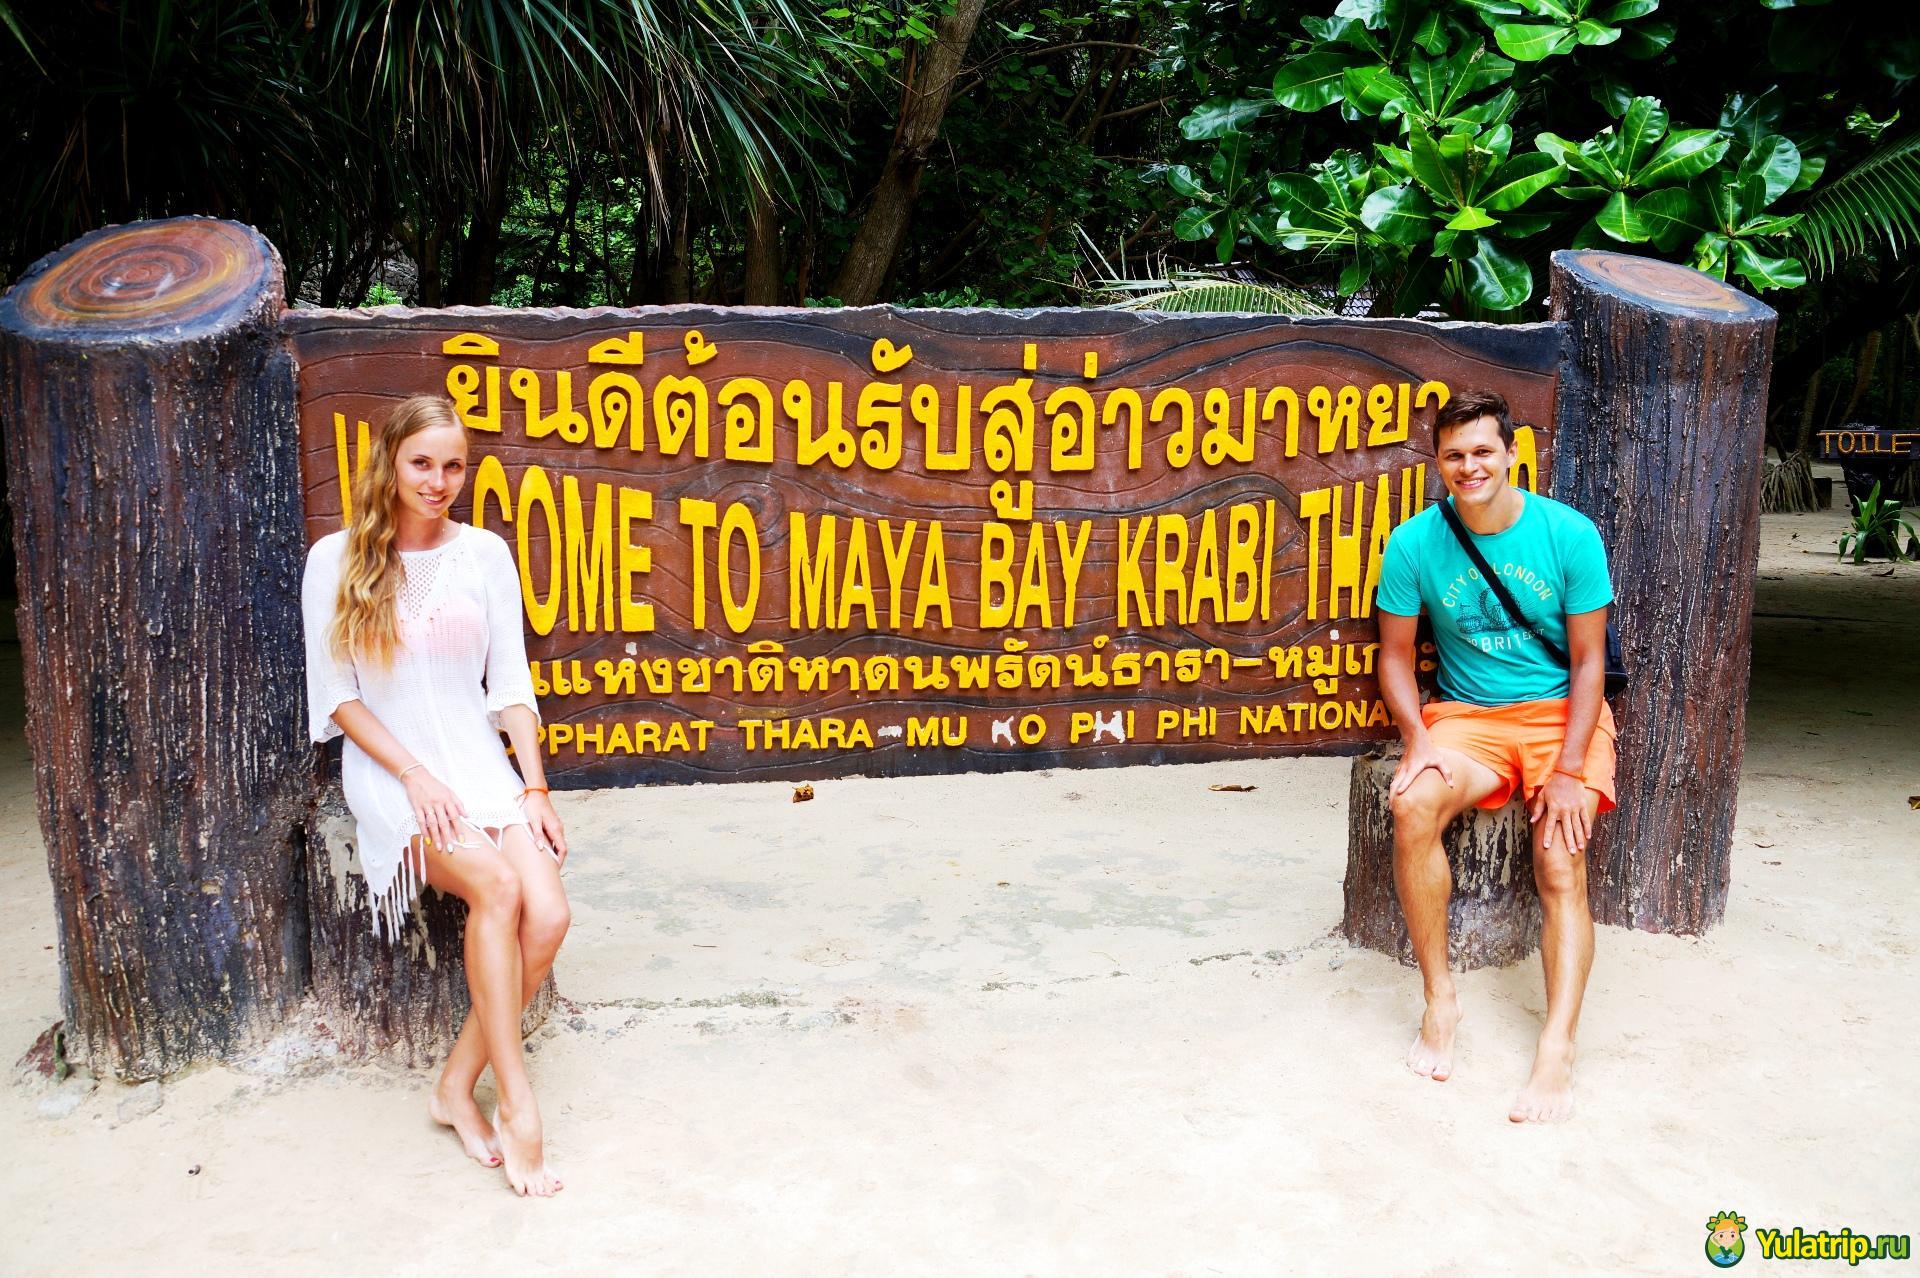 острова пхи пхи майя бэй